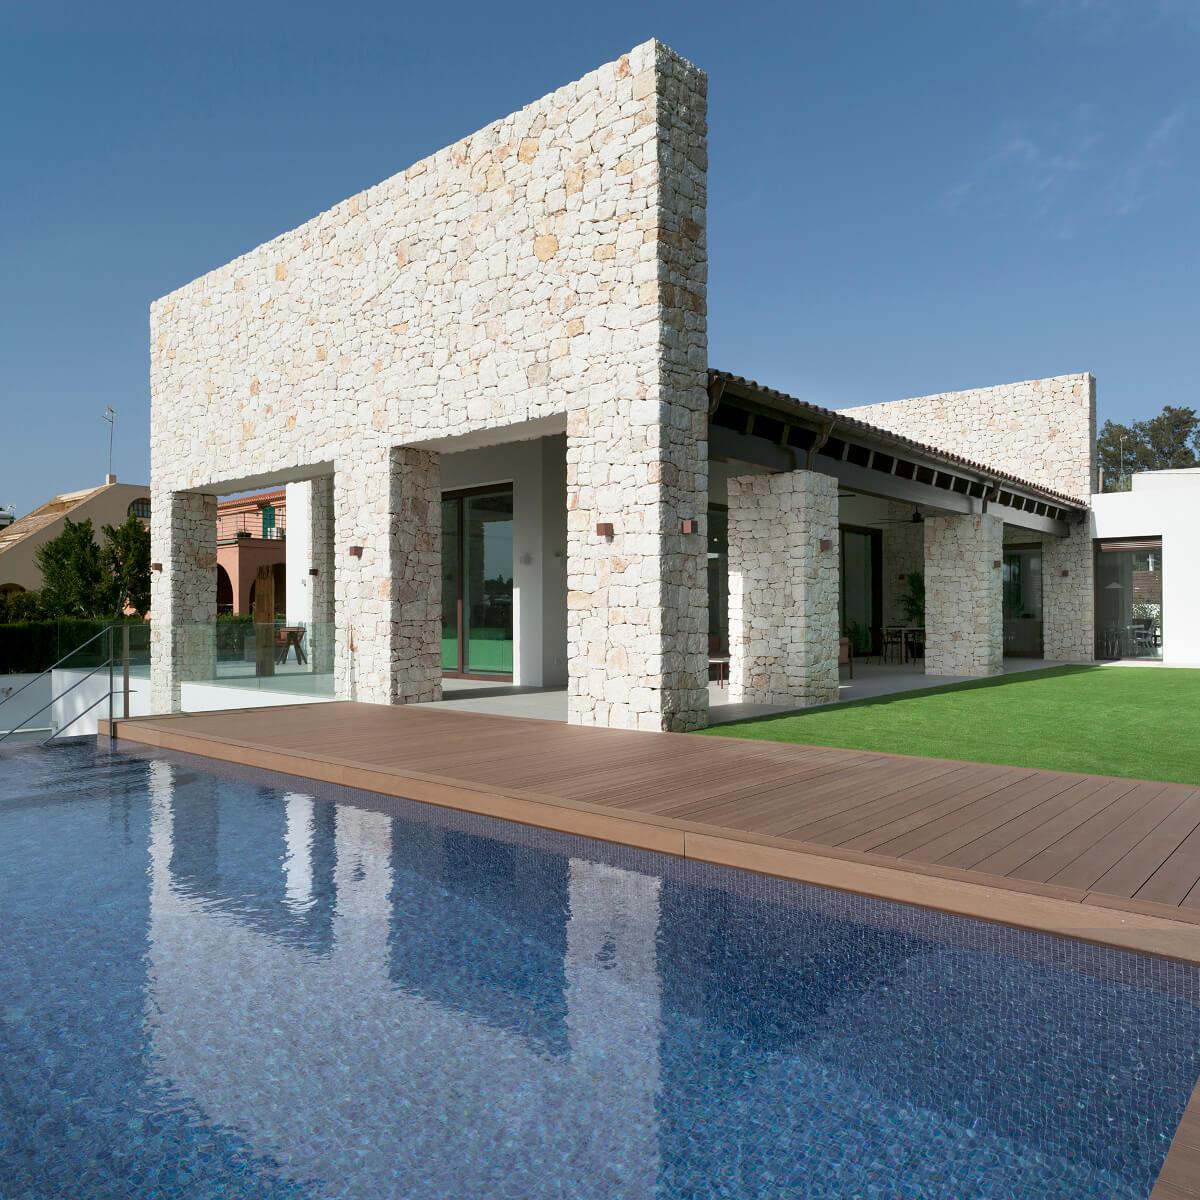 Casa com piscina, jardim e tetos altos